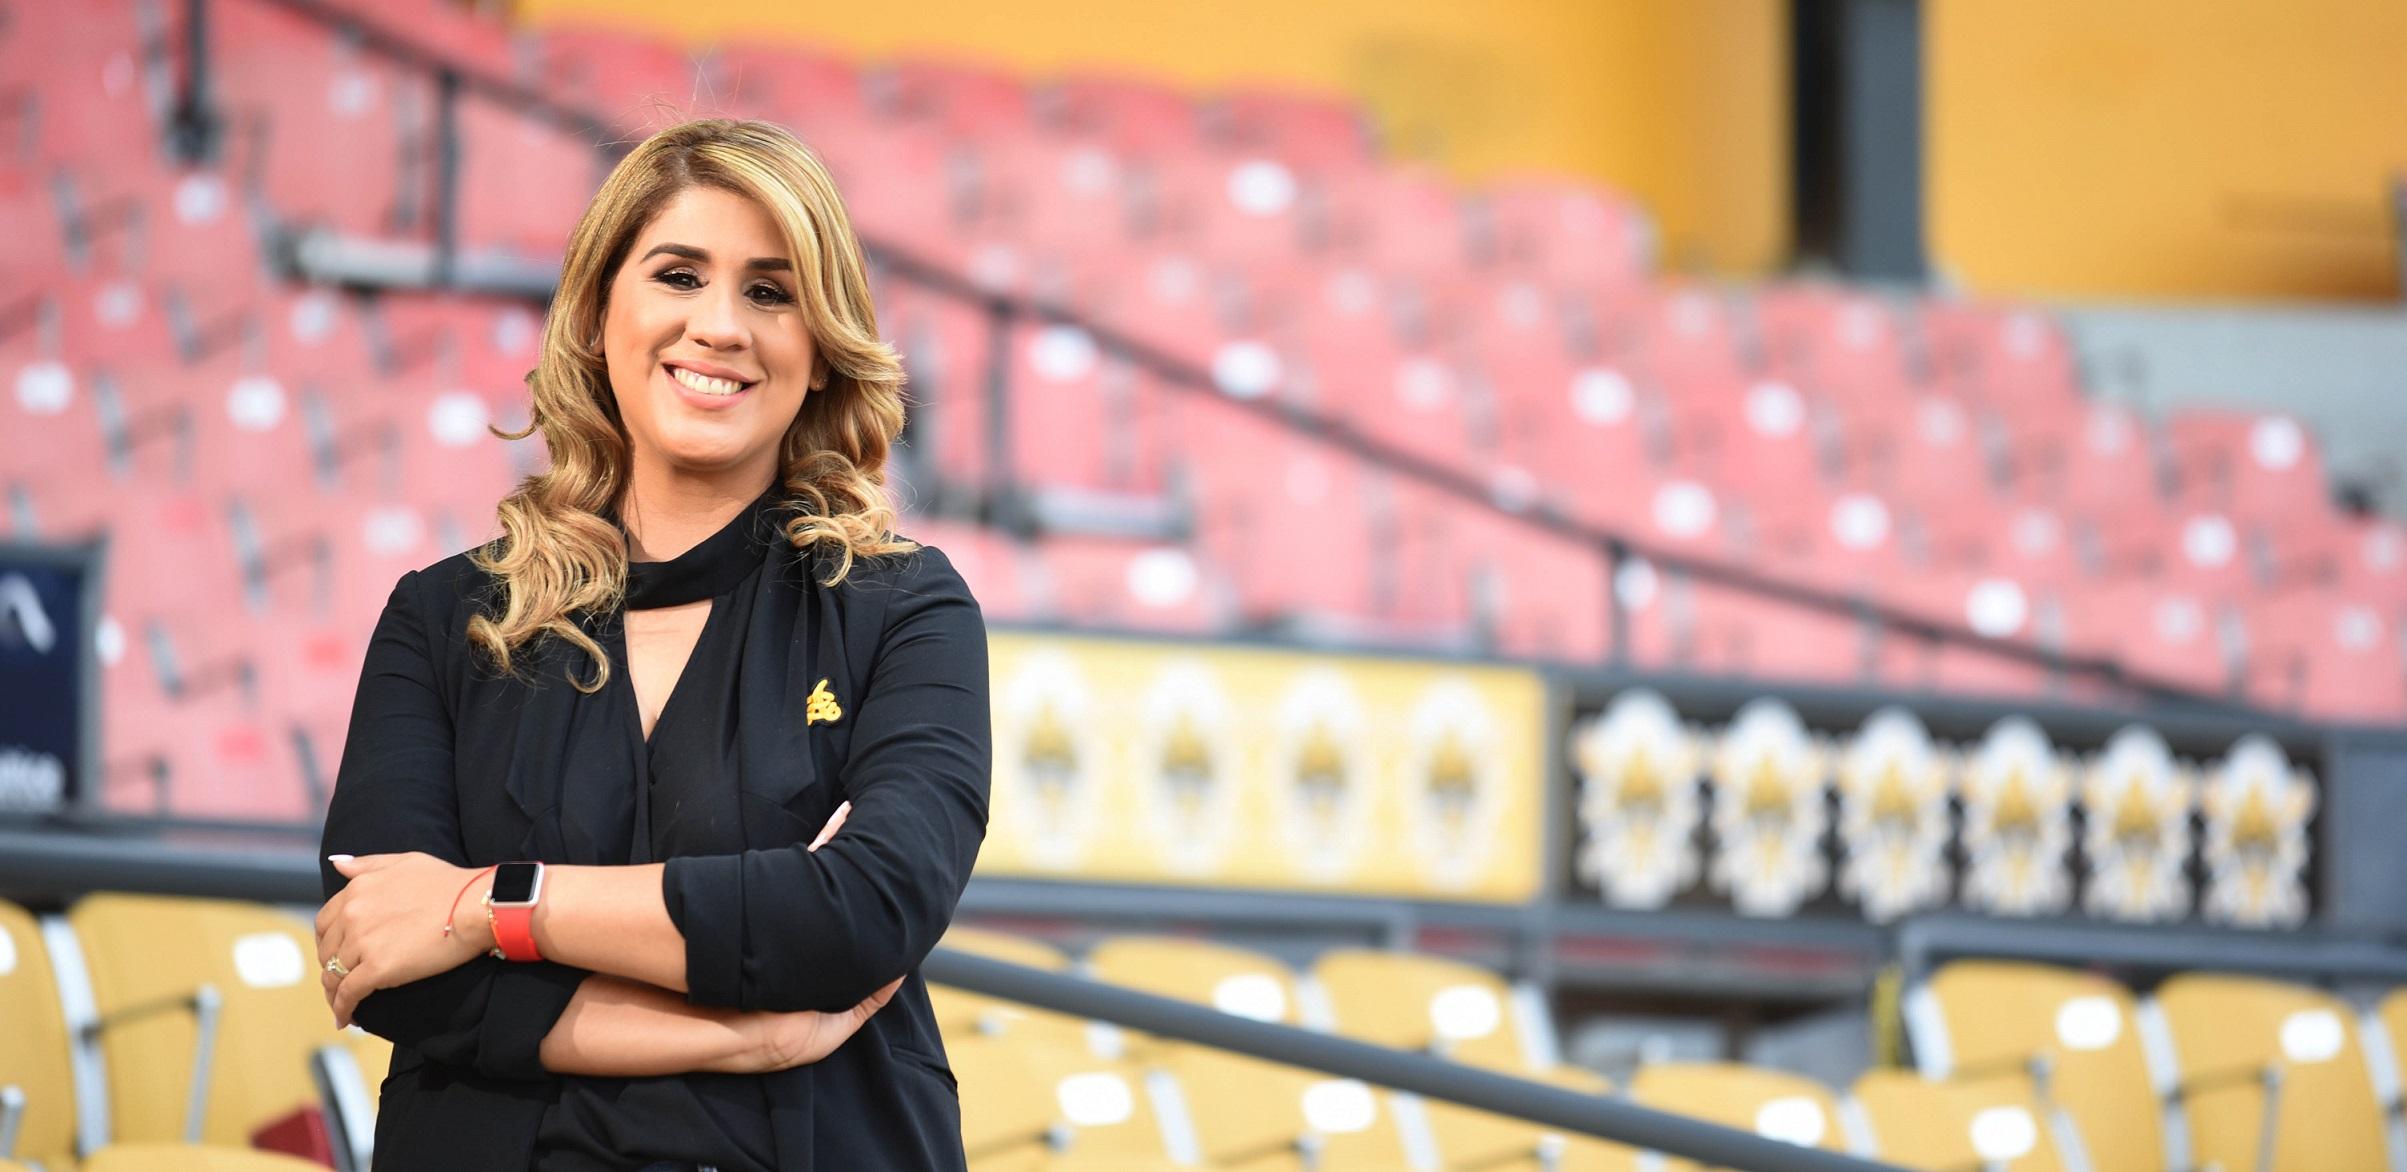 Águilas Cibaeñas designan a Iliana Rosario Gómez como Directora de Comunicaciones